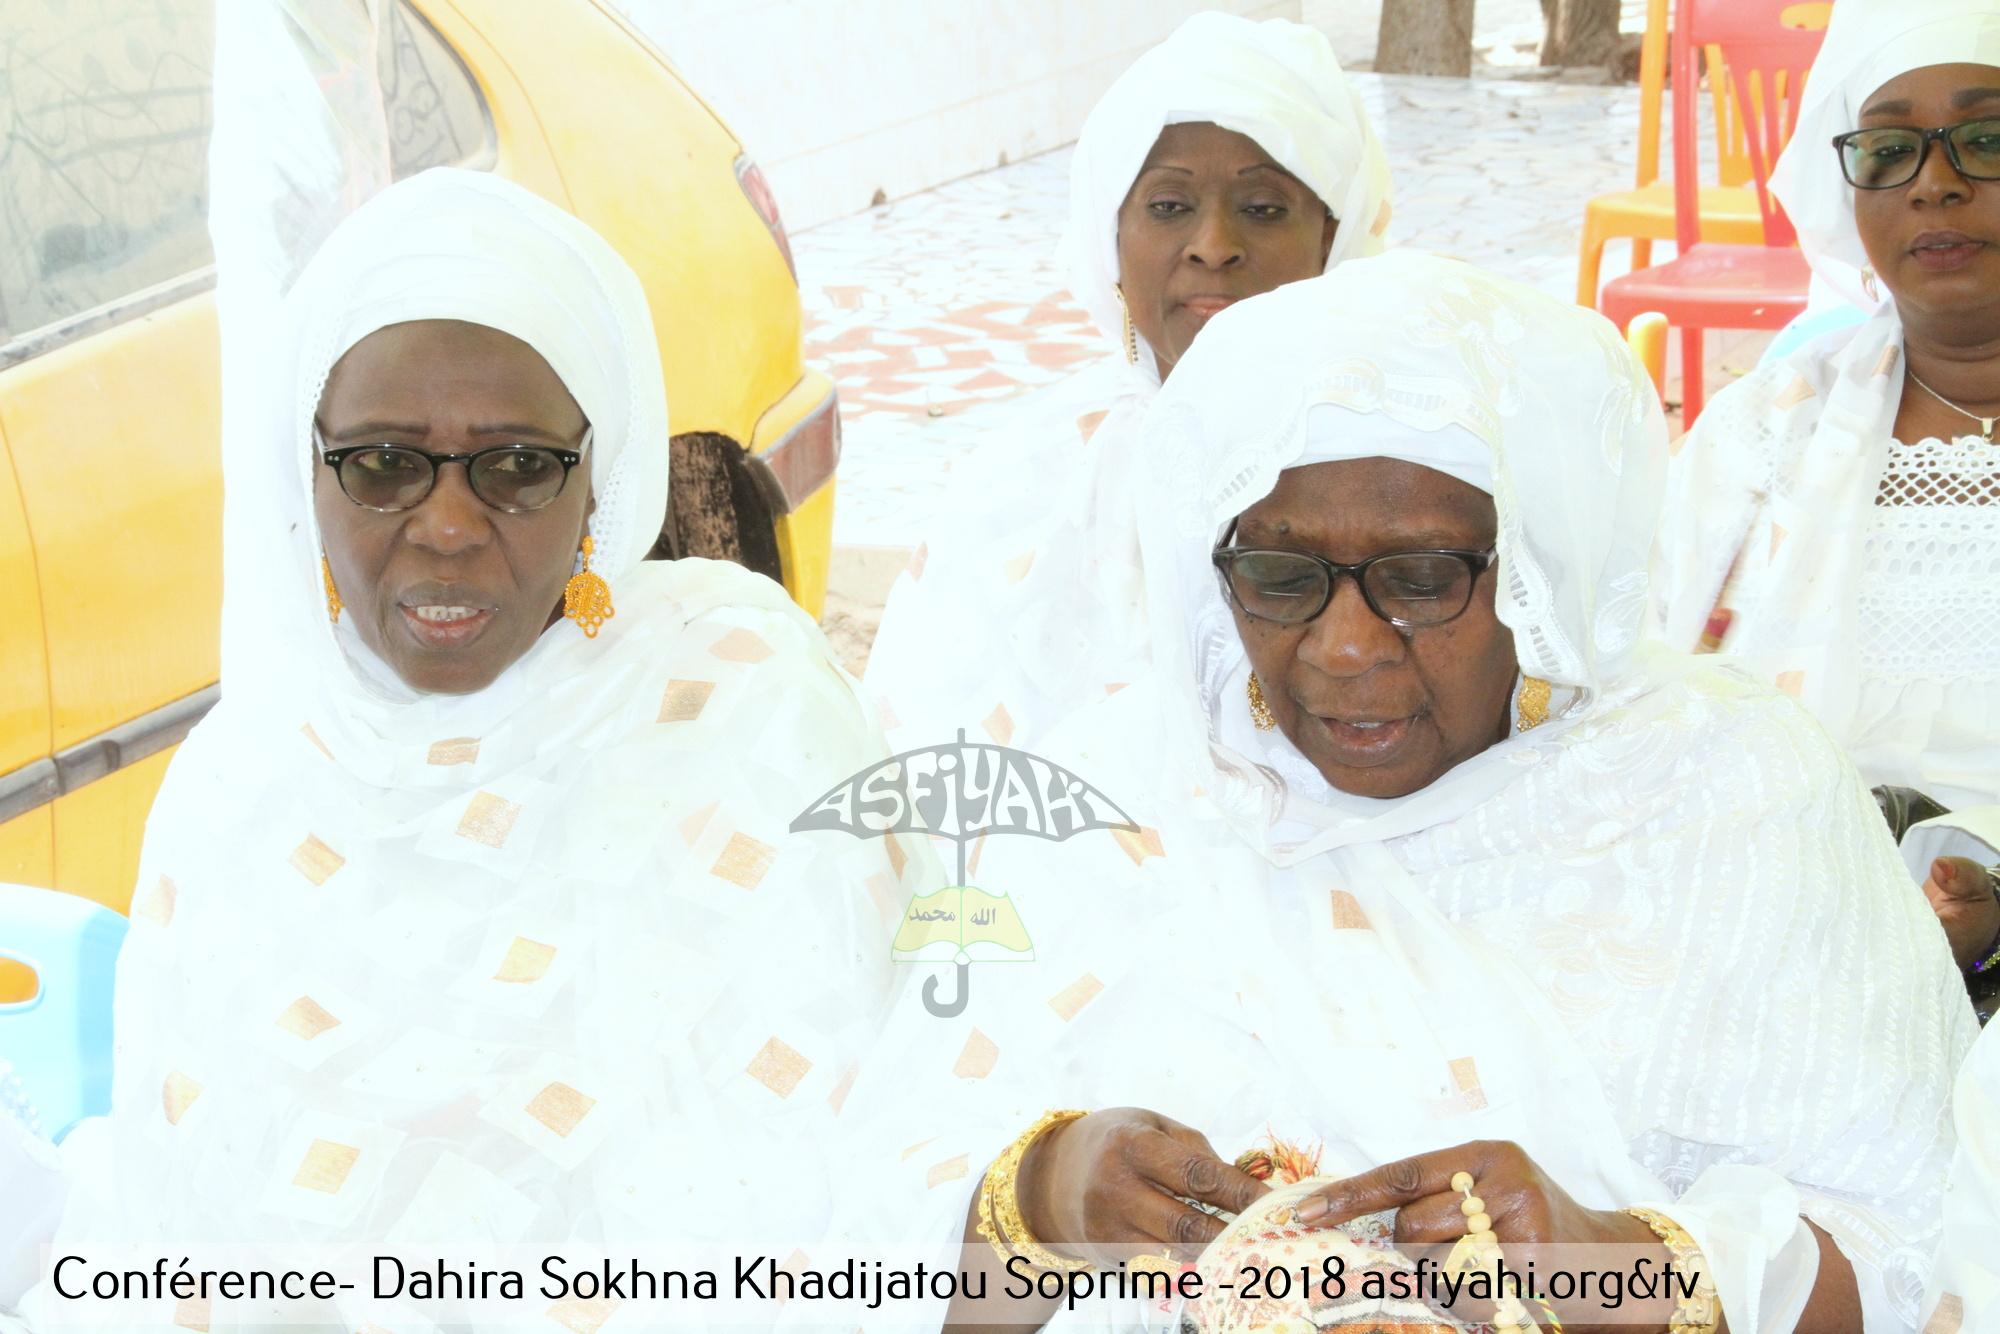 PHOTOS - CITE SOPRIM - Les Images de la Conférence de l'association Sopé Seydatouna khadija, Mère des Croyants , dirigée par Adja Ouly Niang